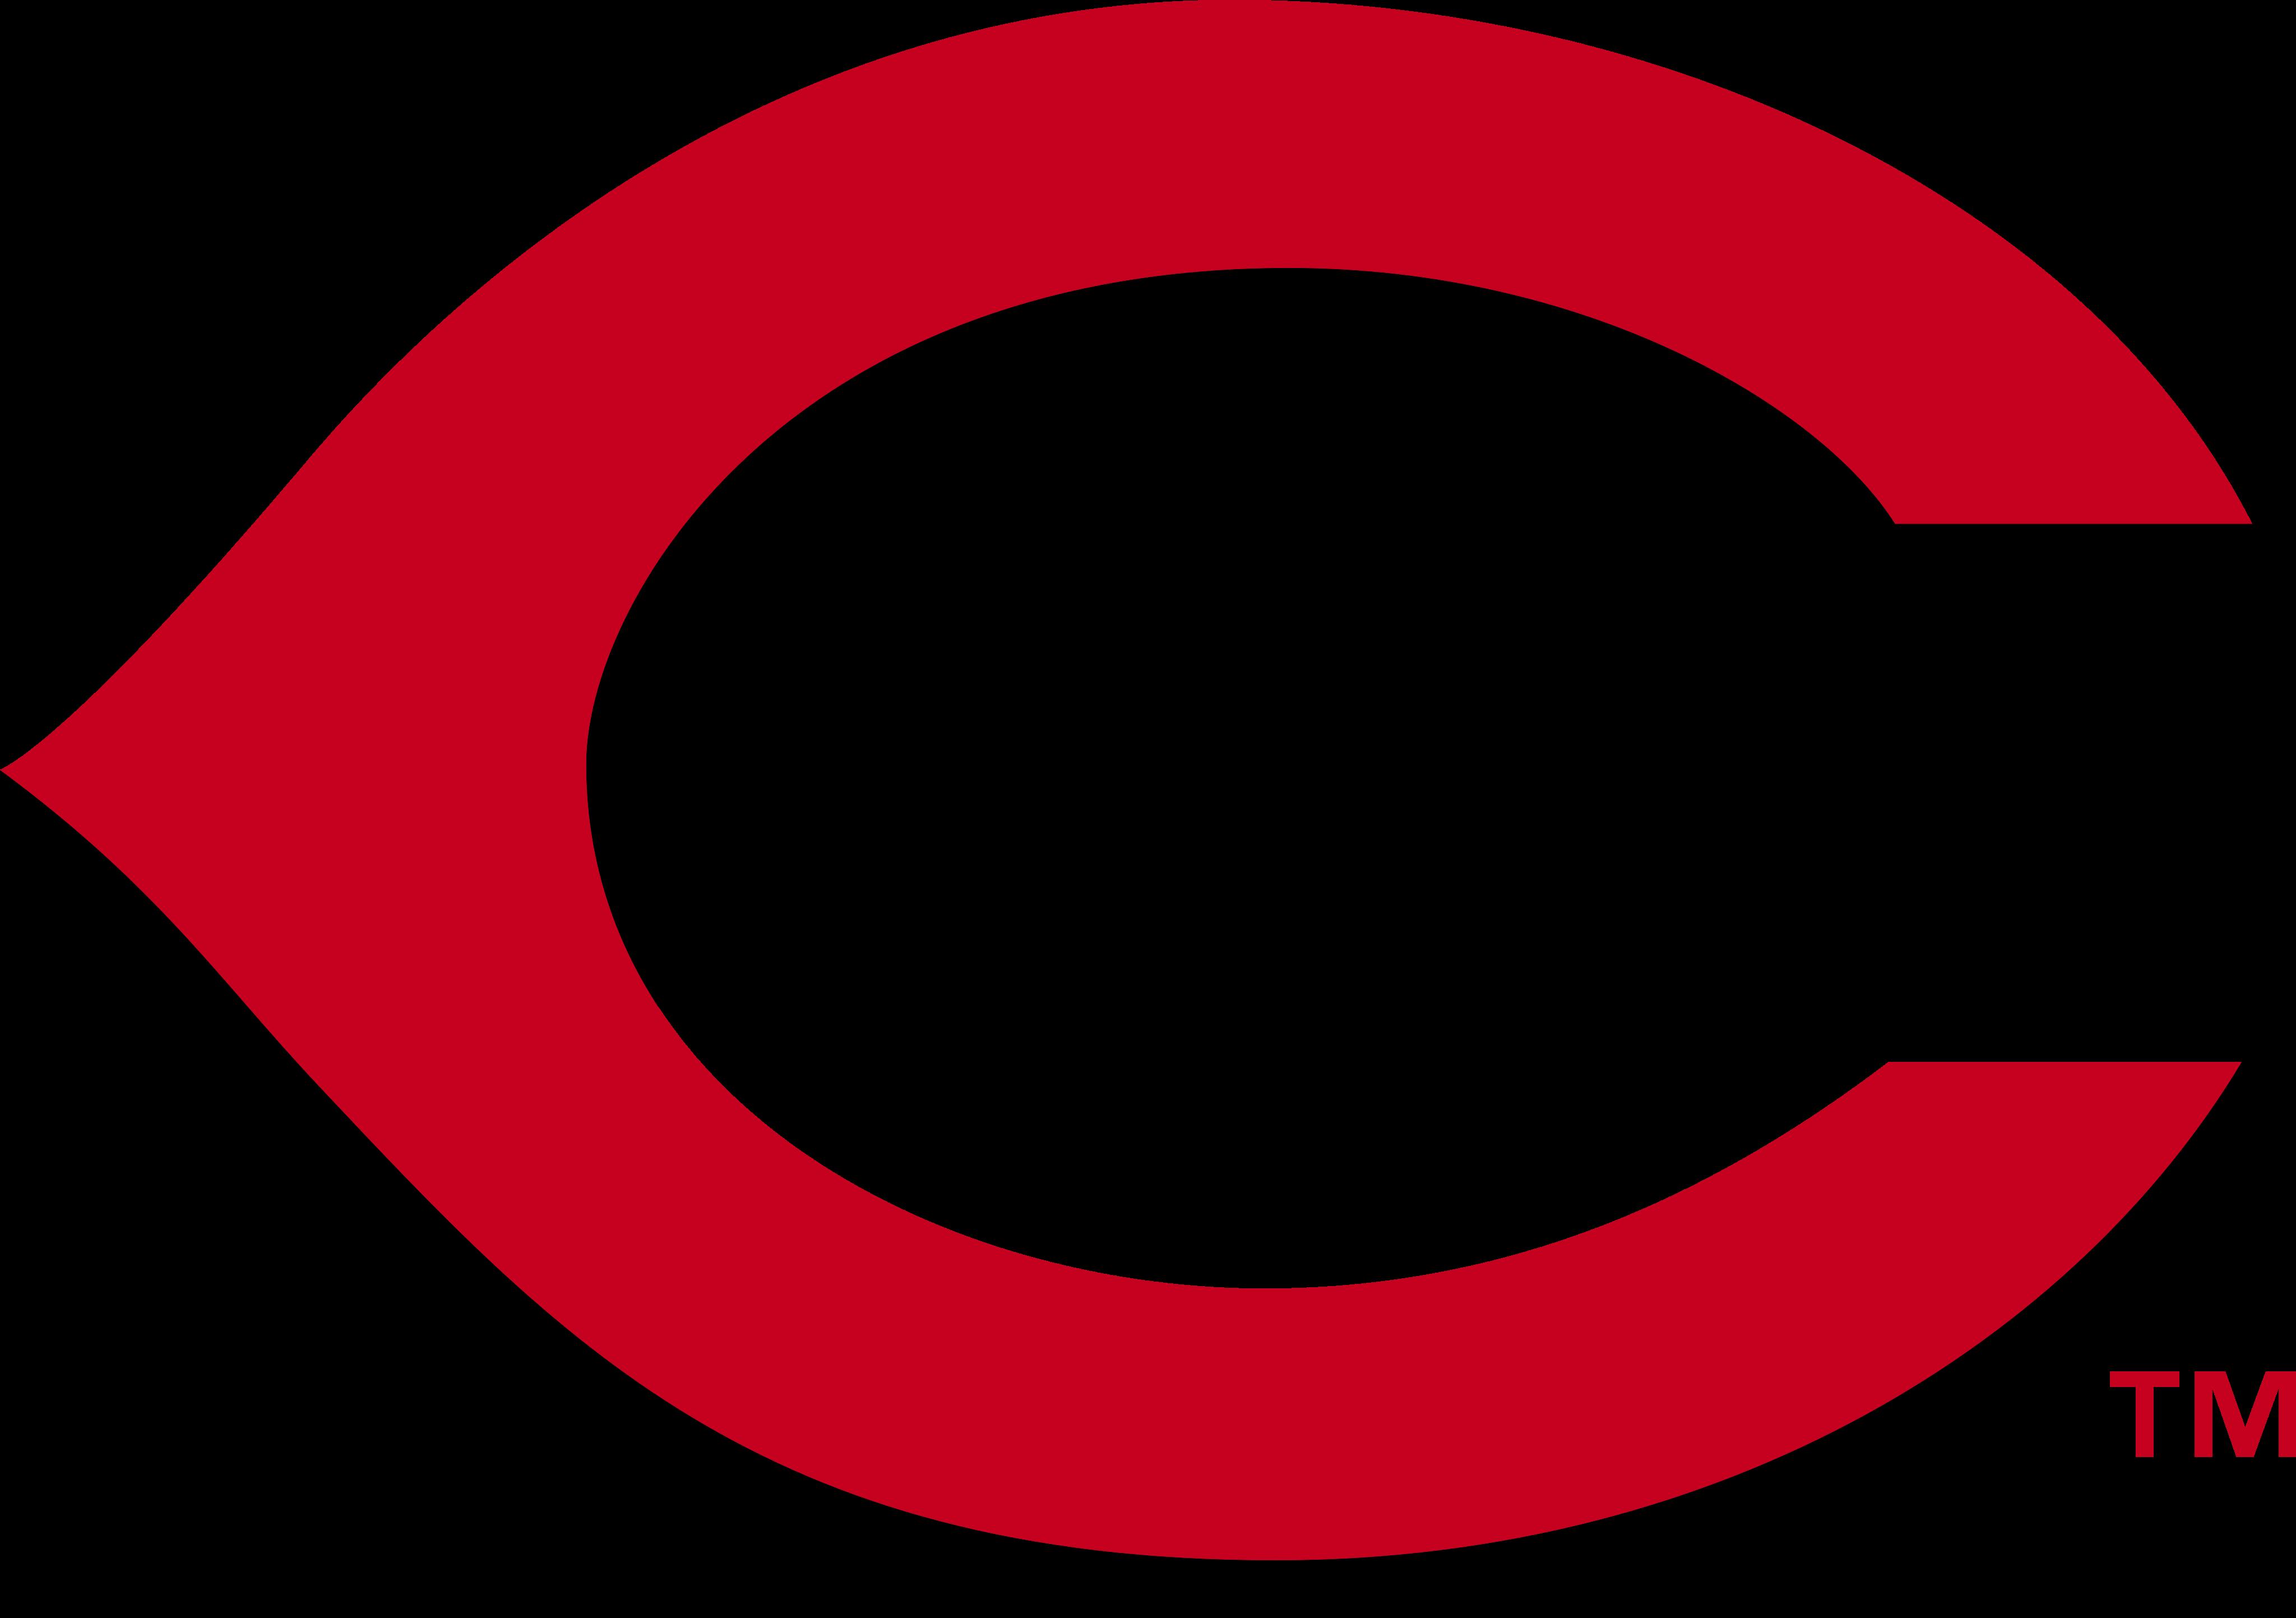 cincinnati reds logo - Cincinnati Reds Logo